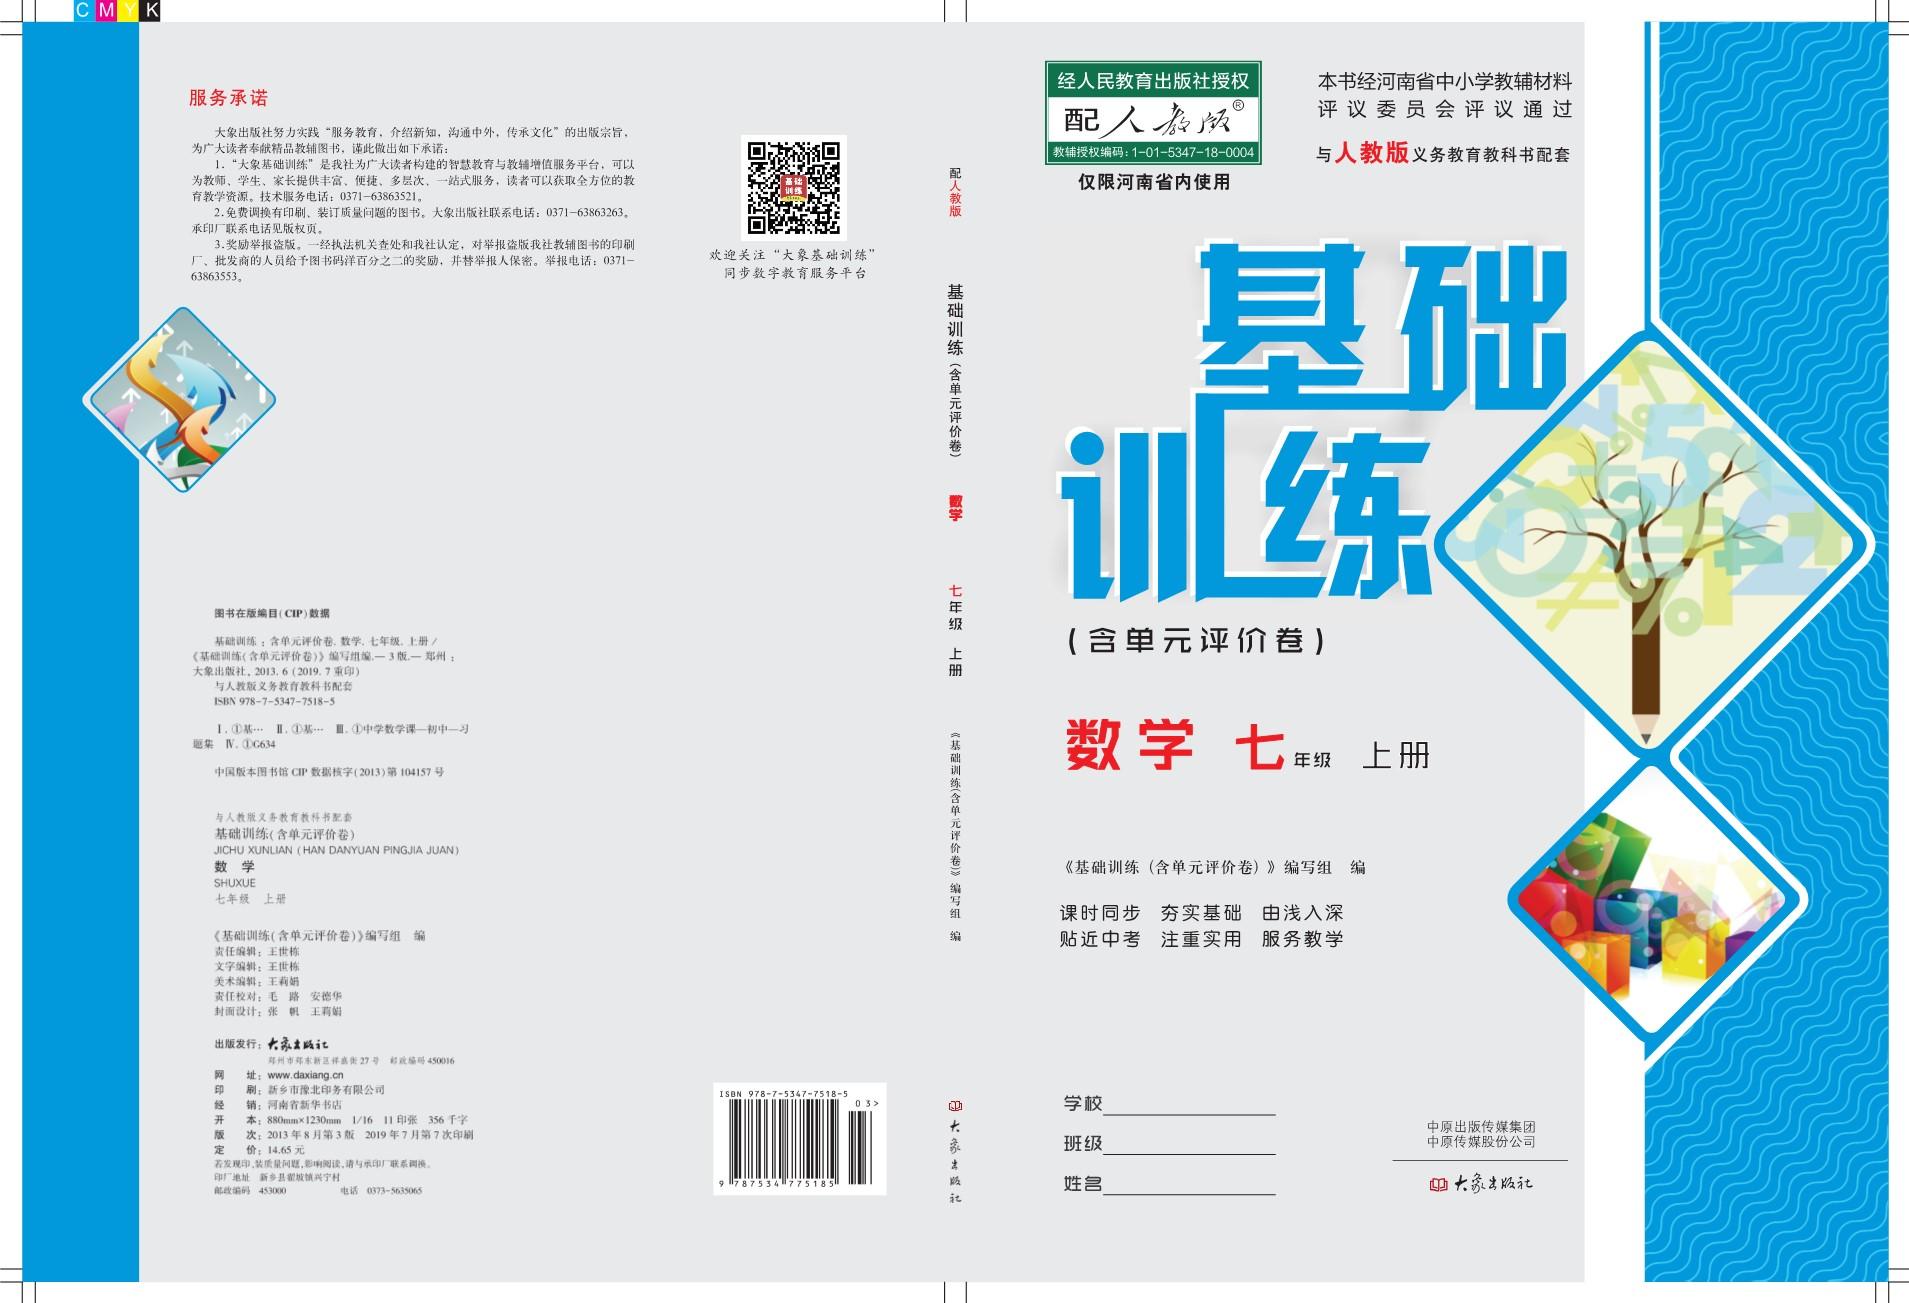 01191102 七年级数学基础训练 人教版  上册 含单元评价卷 不带答案 大象出版社 19年秋季教辅